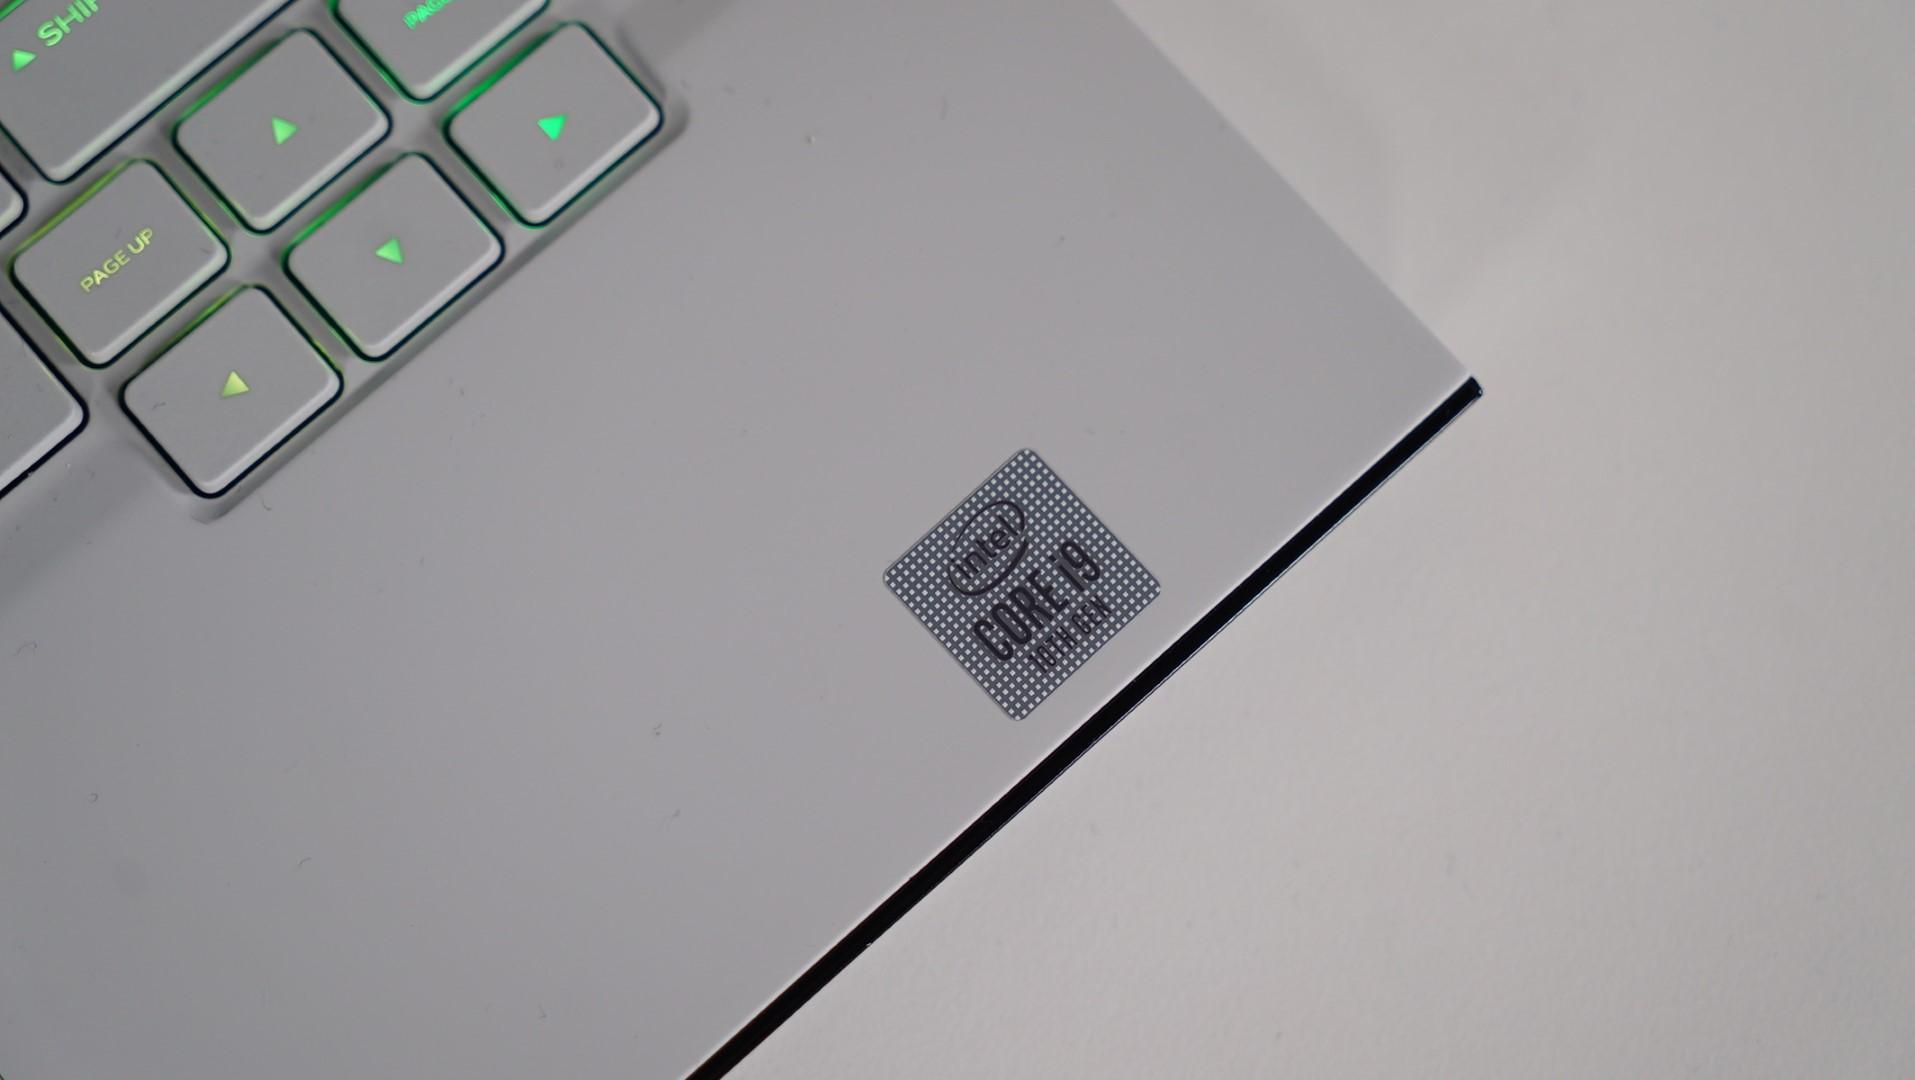 Intel Core i9 10980HK Alienware M15 R3